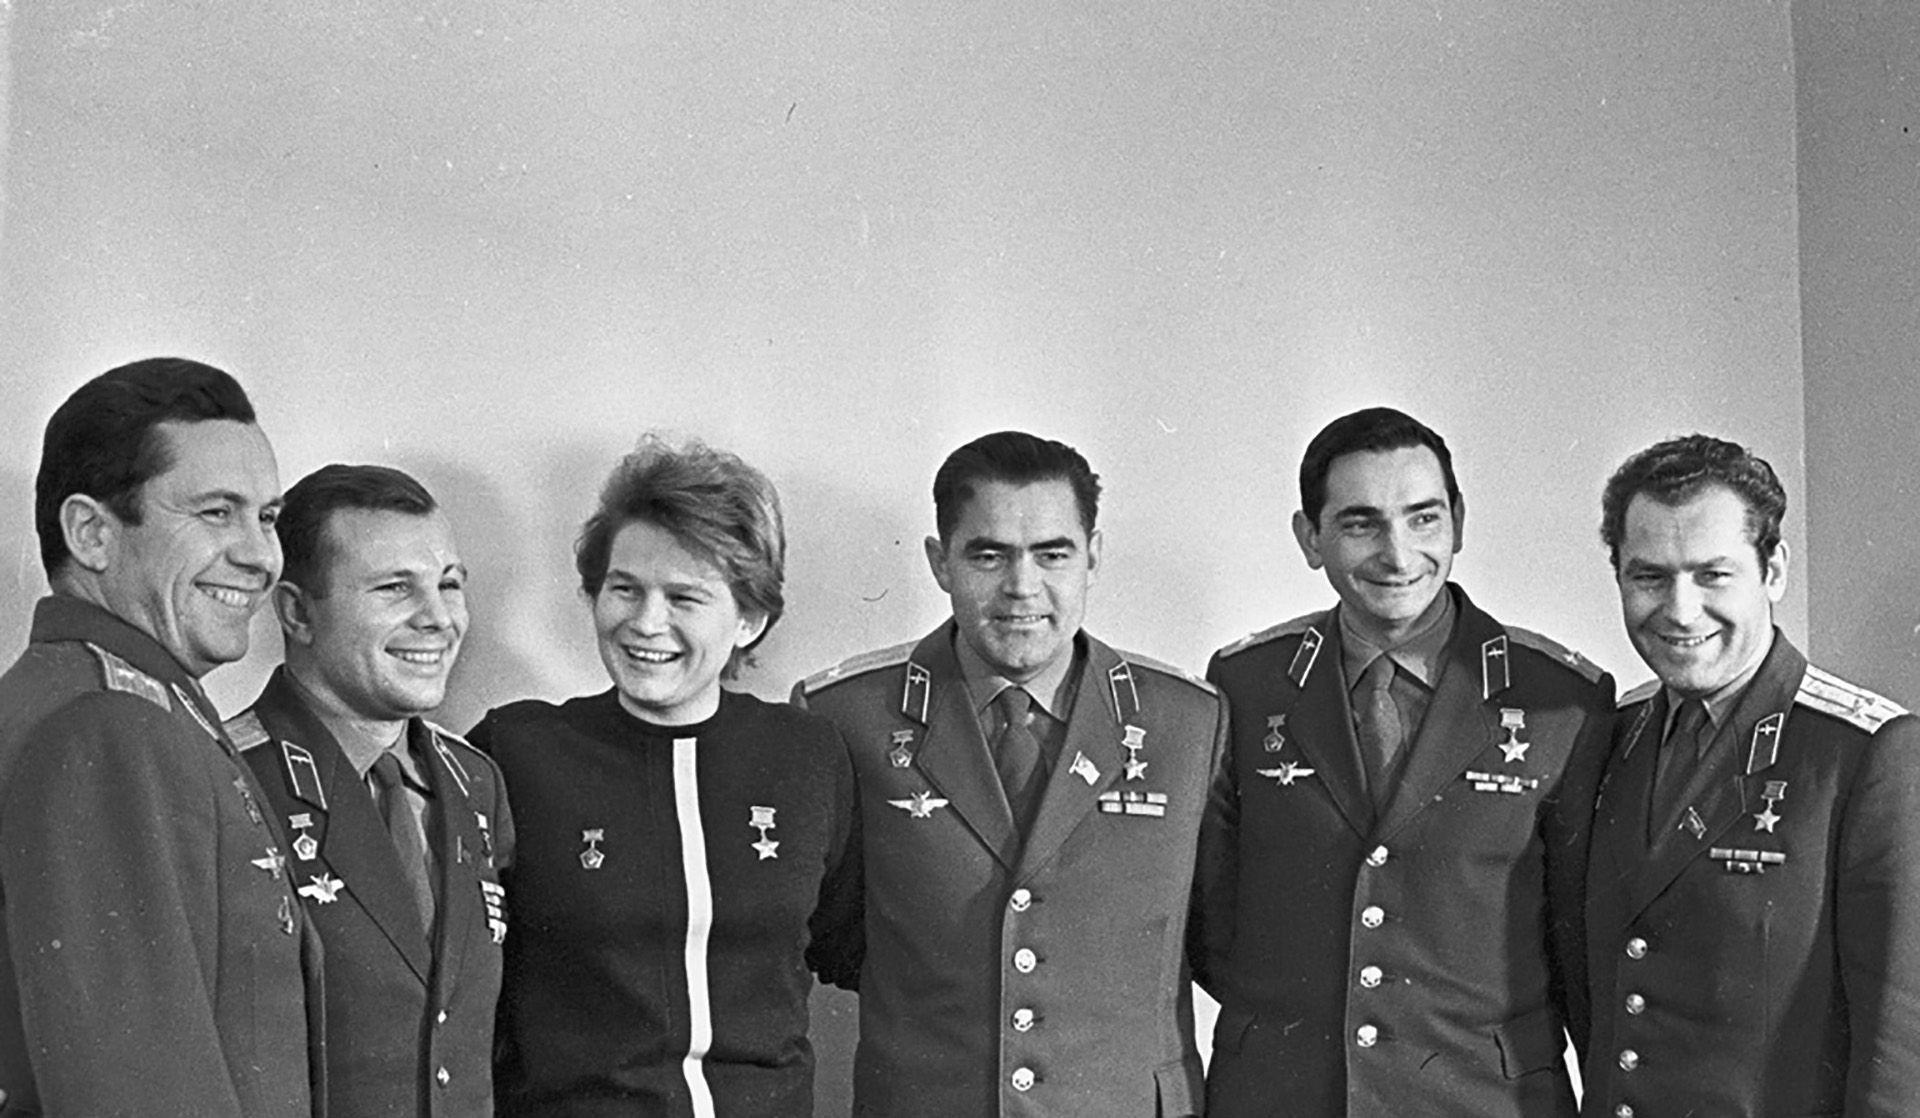 astronautas soviéticos gagarin Tereshkova carrera espacial Guerra Fría